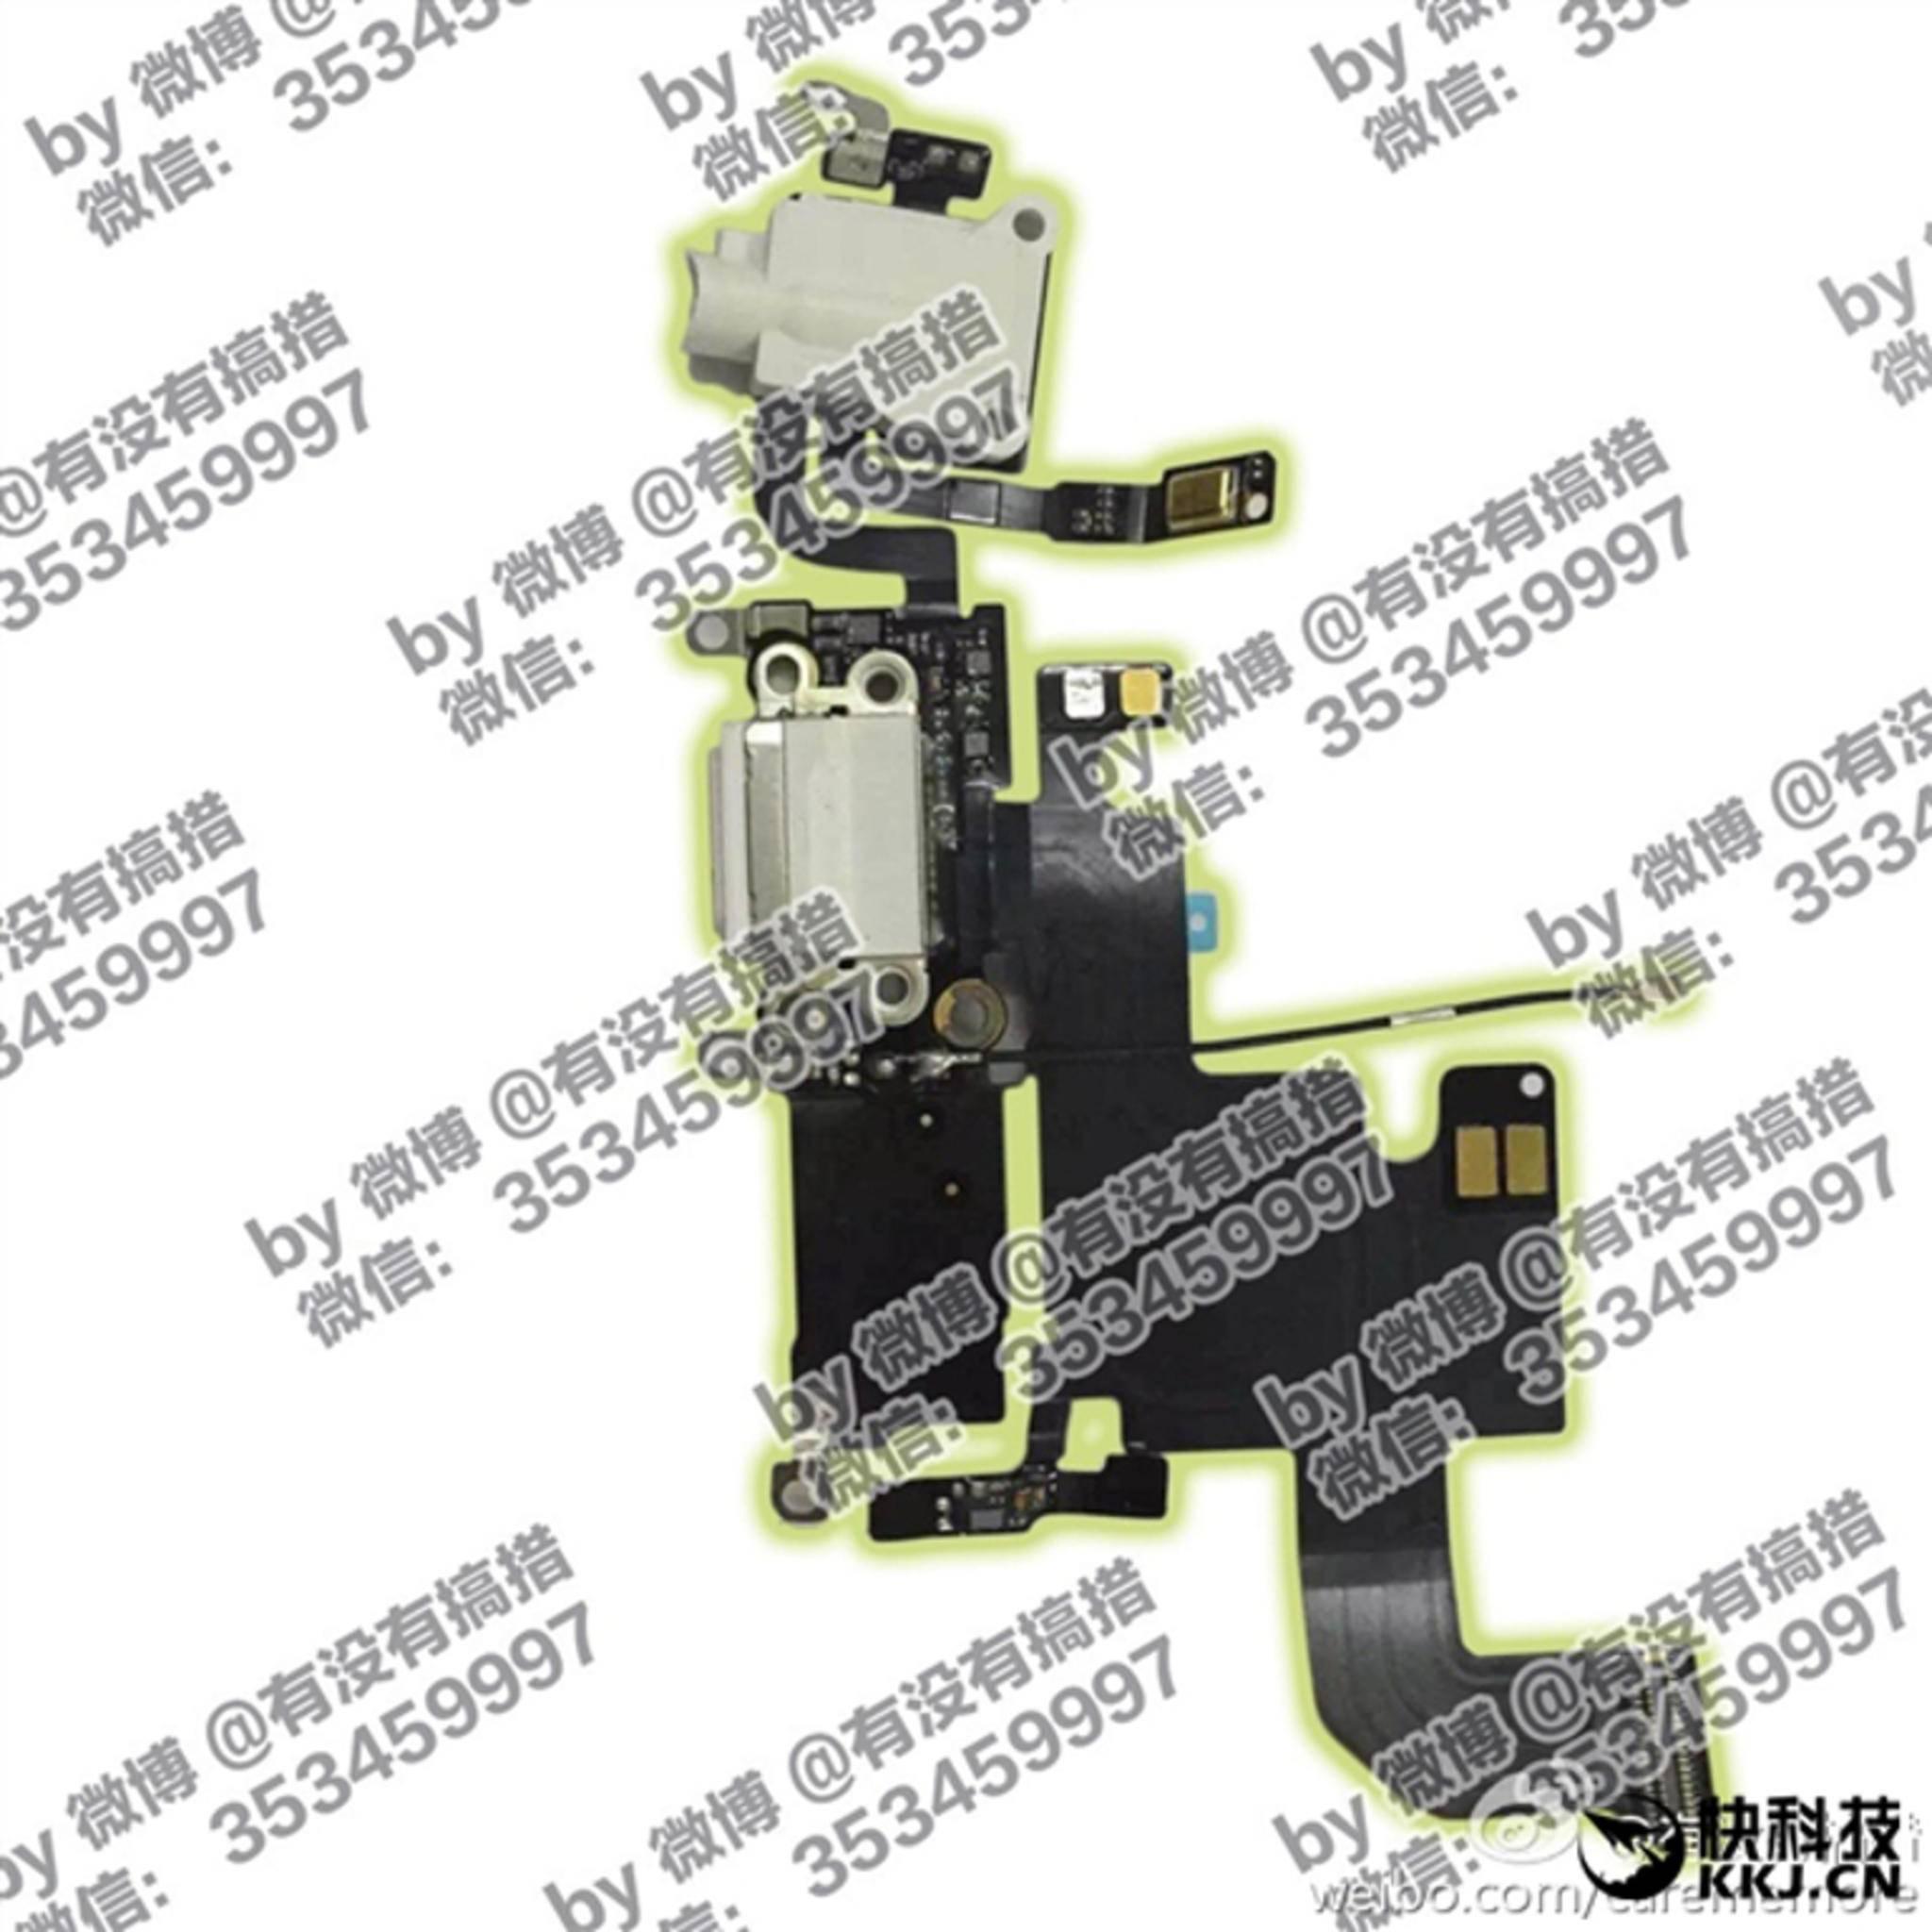 Dieses Foto soll ein Bauteil des kommenden iPhone 7 zeigen.